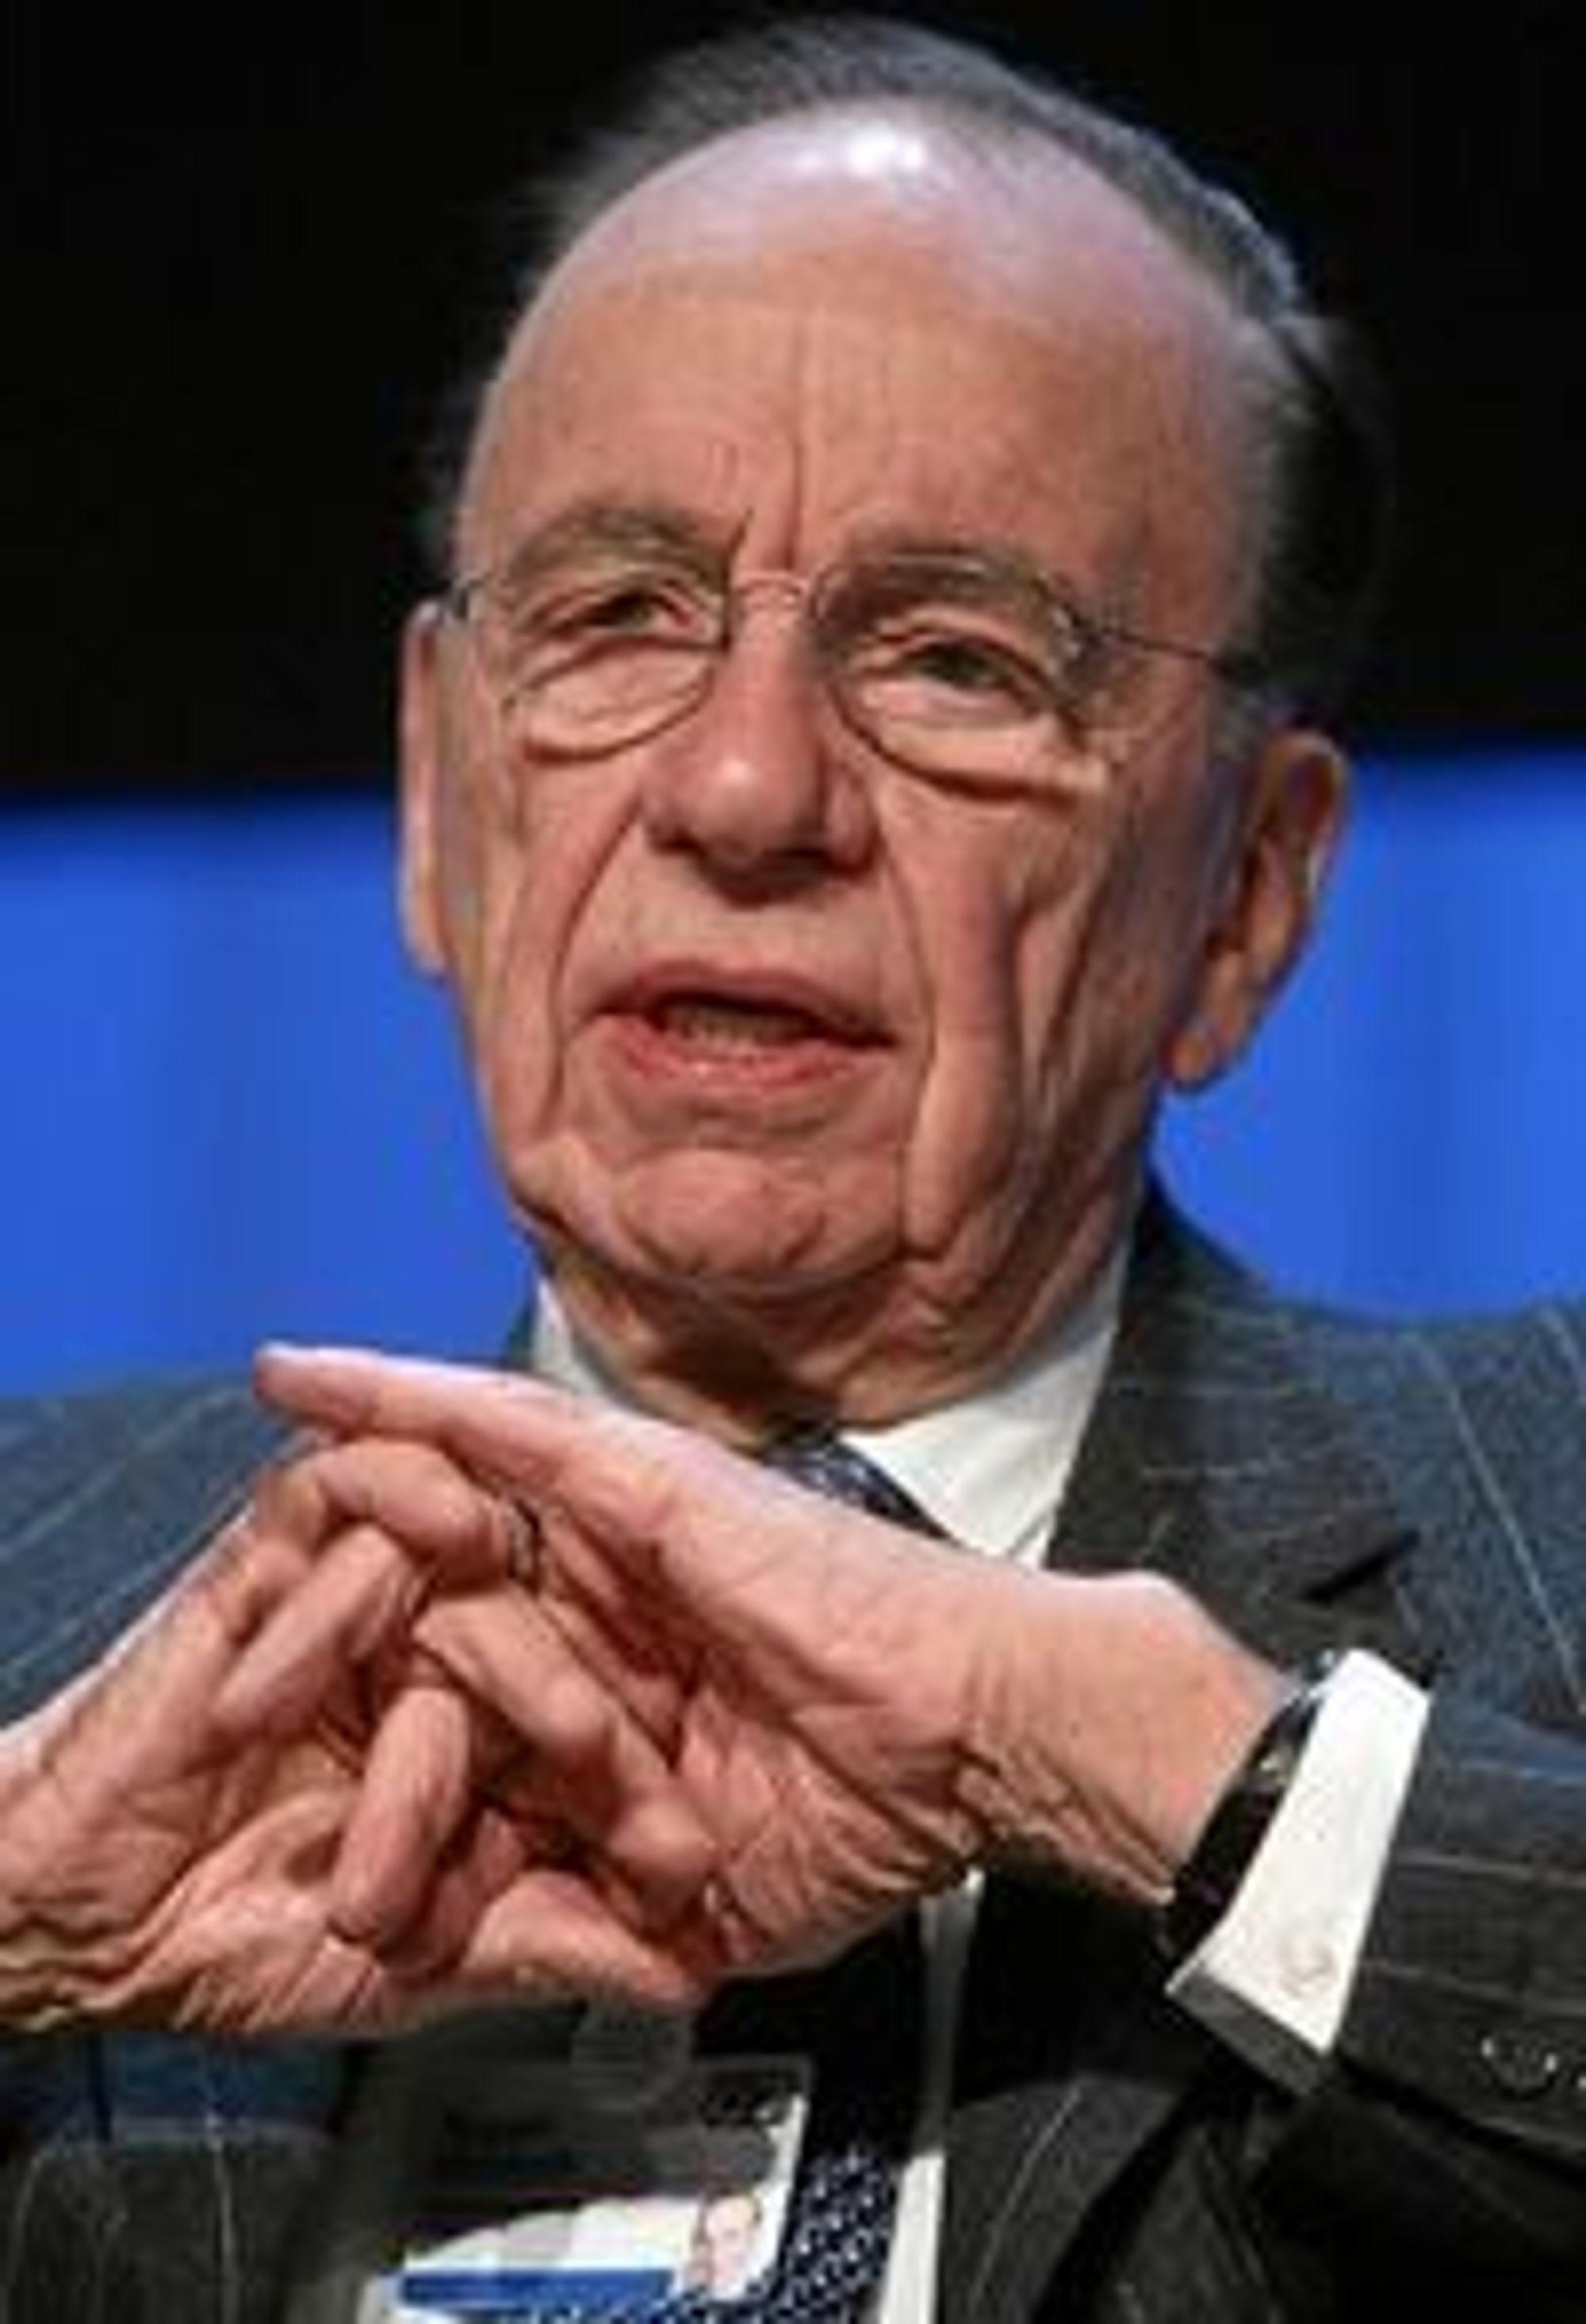 Rupert Murdoch mener man må vente at papiraviser forsvinner.